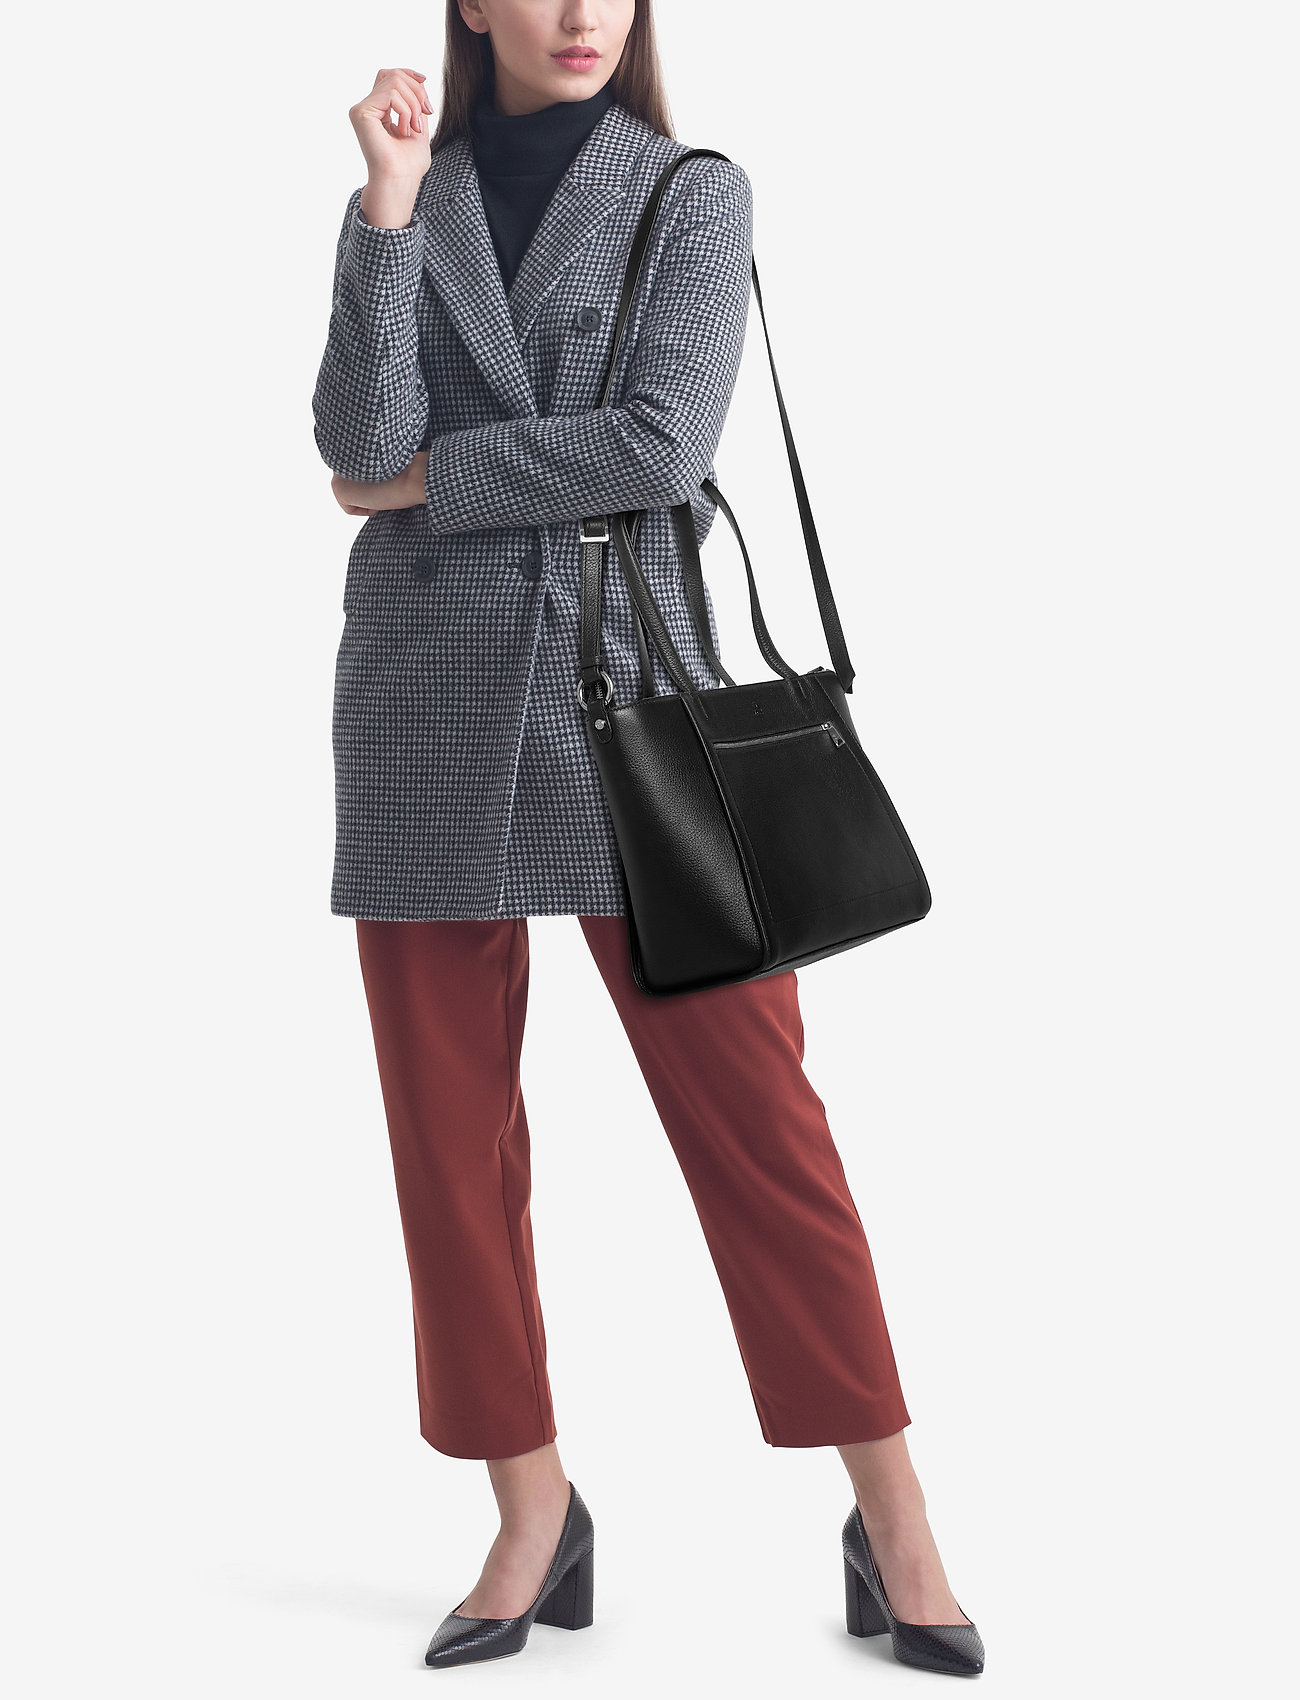 Adax Cormorano handbag Sidsel   Shoppers